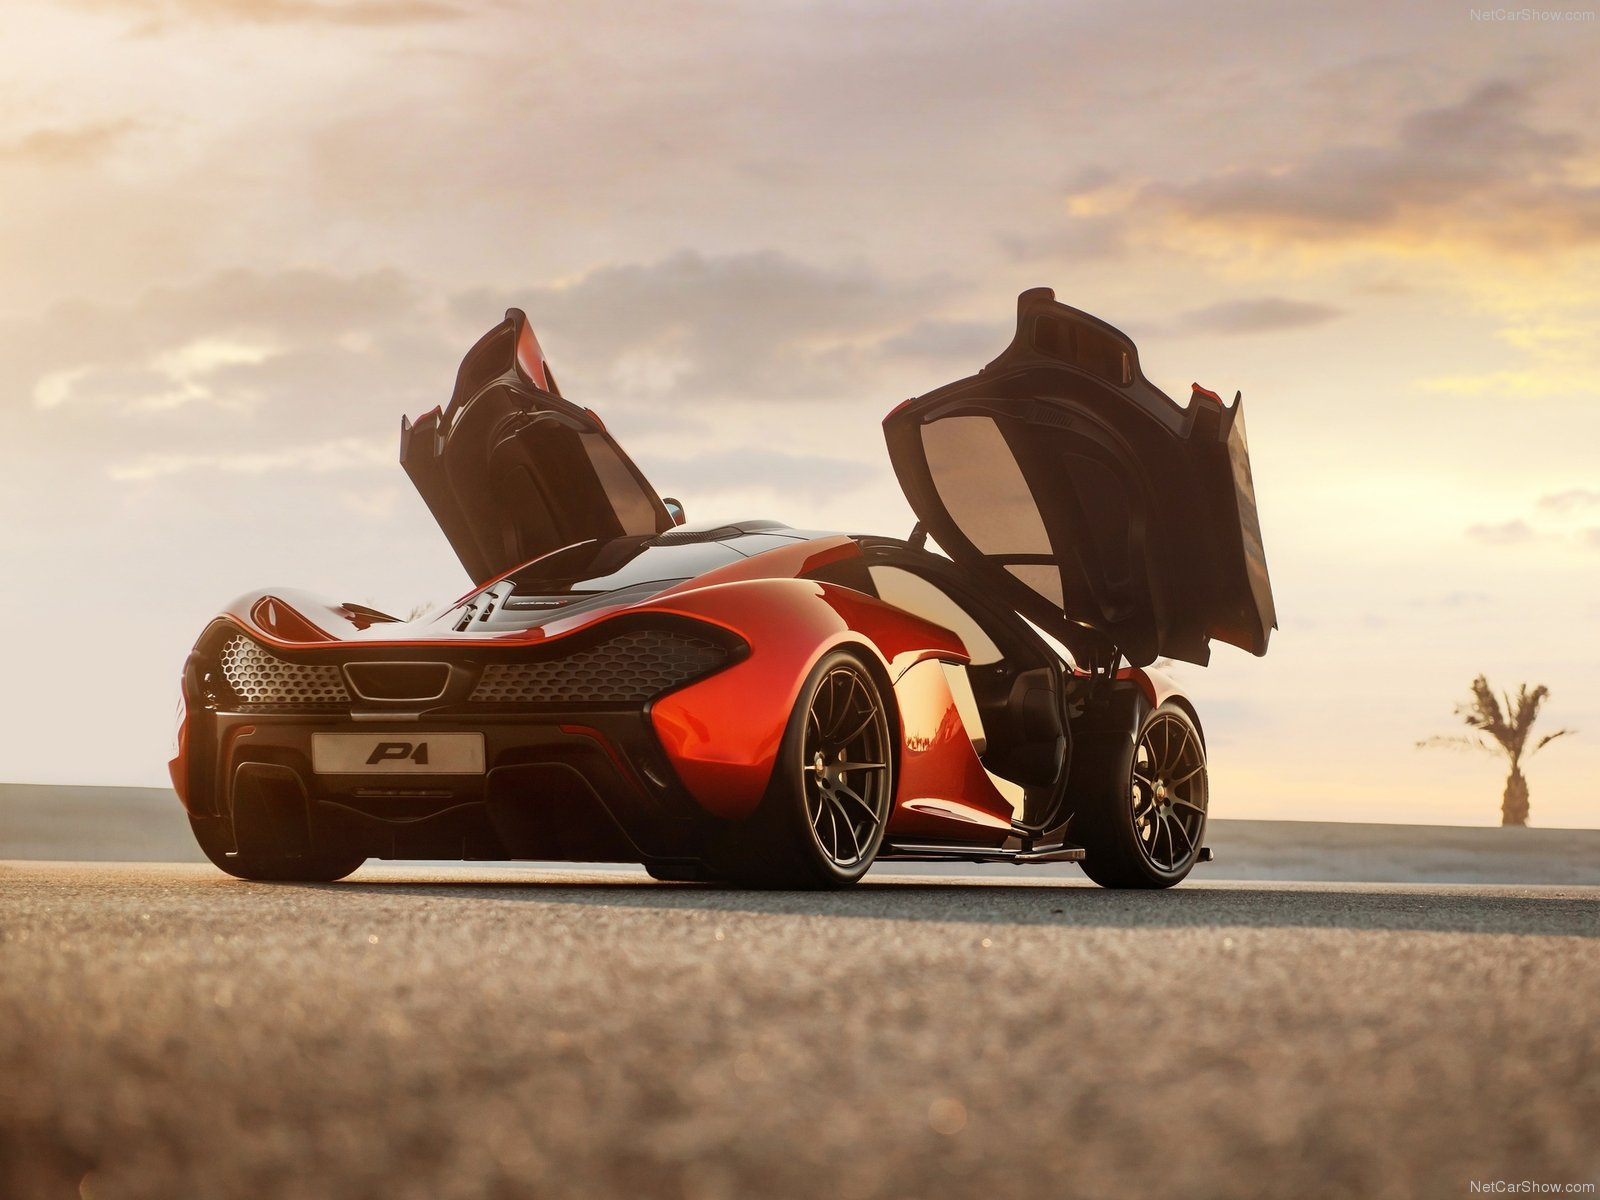 Hình ảnh siêu xe McLaren P1 Concept 2012 & nội ngoại thất